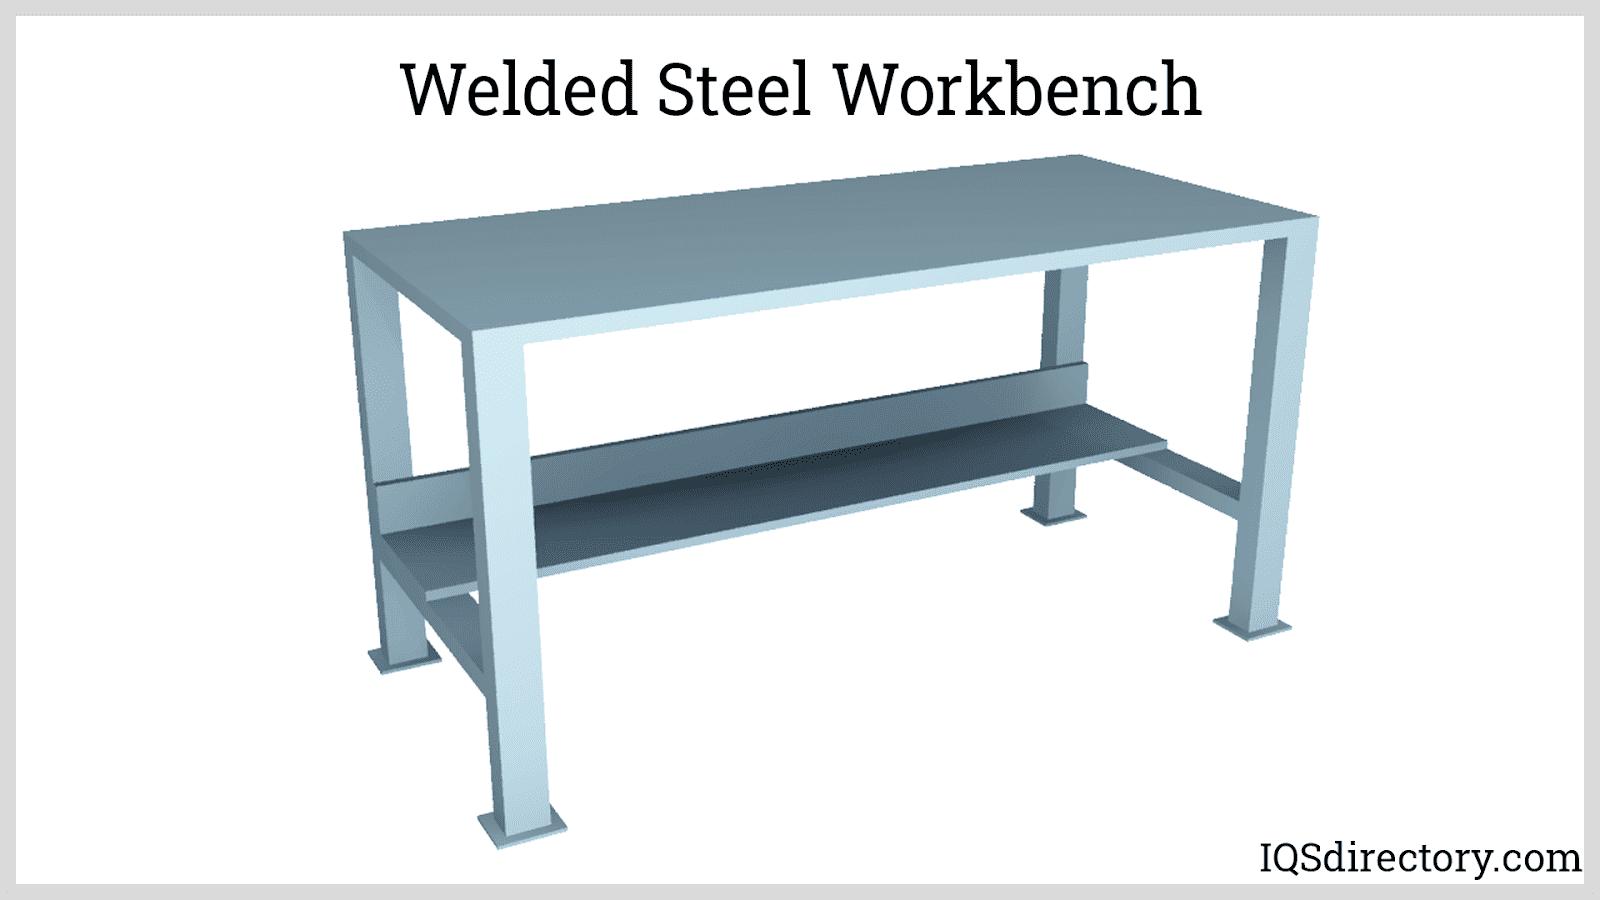 Welded Steel Workbench